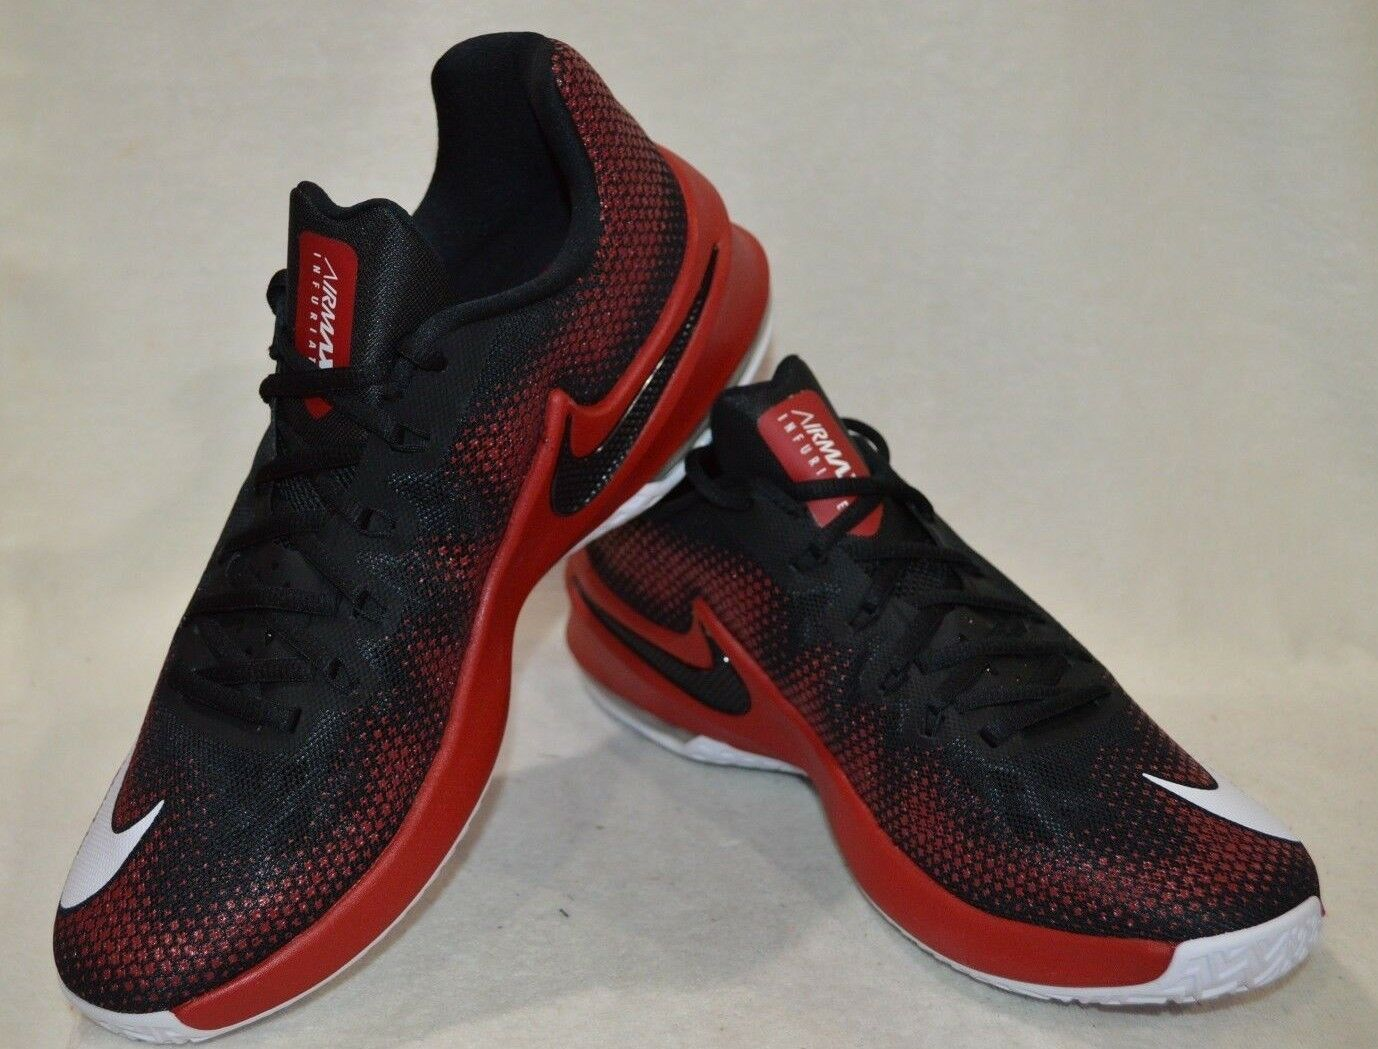 Max Infuriate bajo Nike Air Negro blancoo Rojo para Hombres Zapatos De Baloncesto-Tamaño Asst Nueva con caja